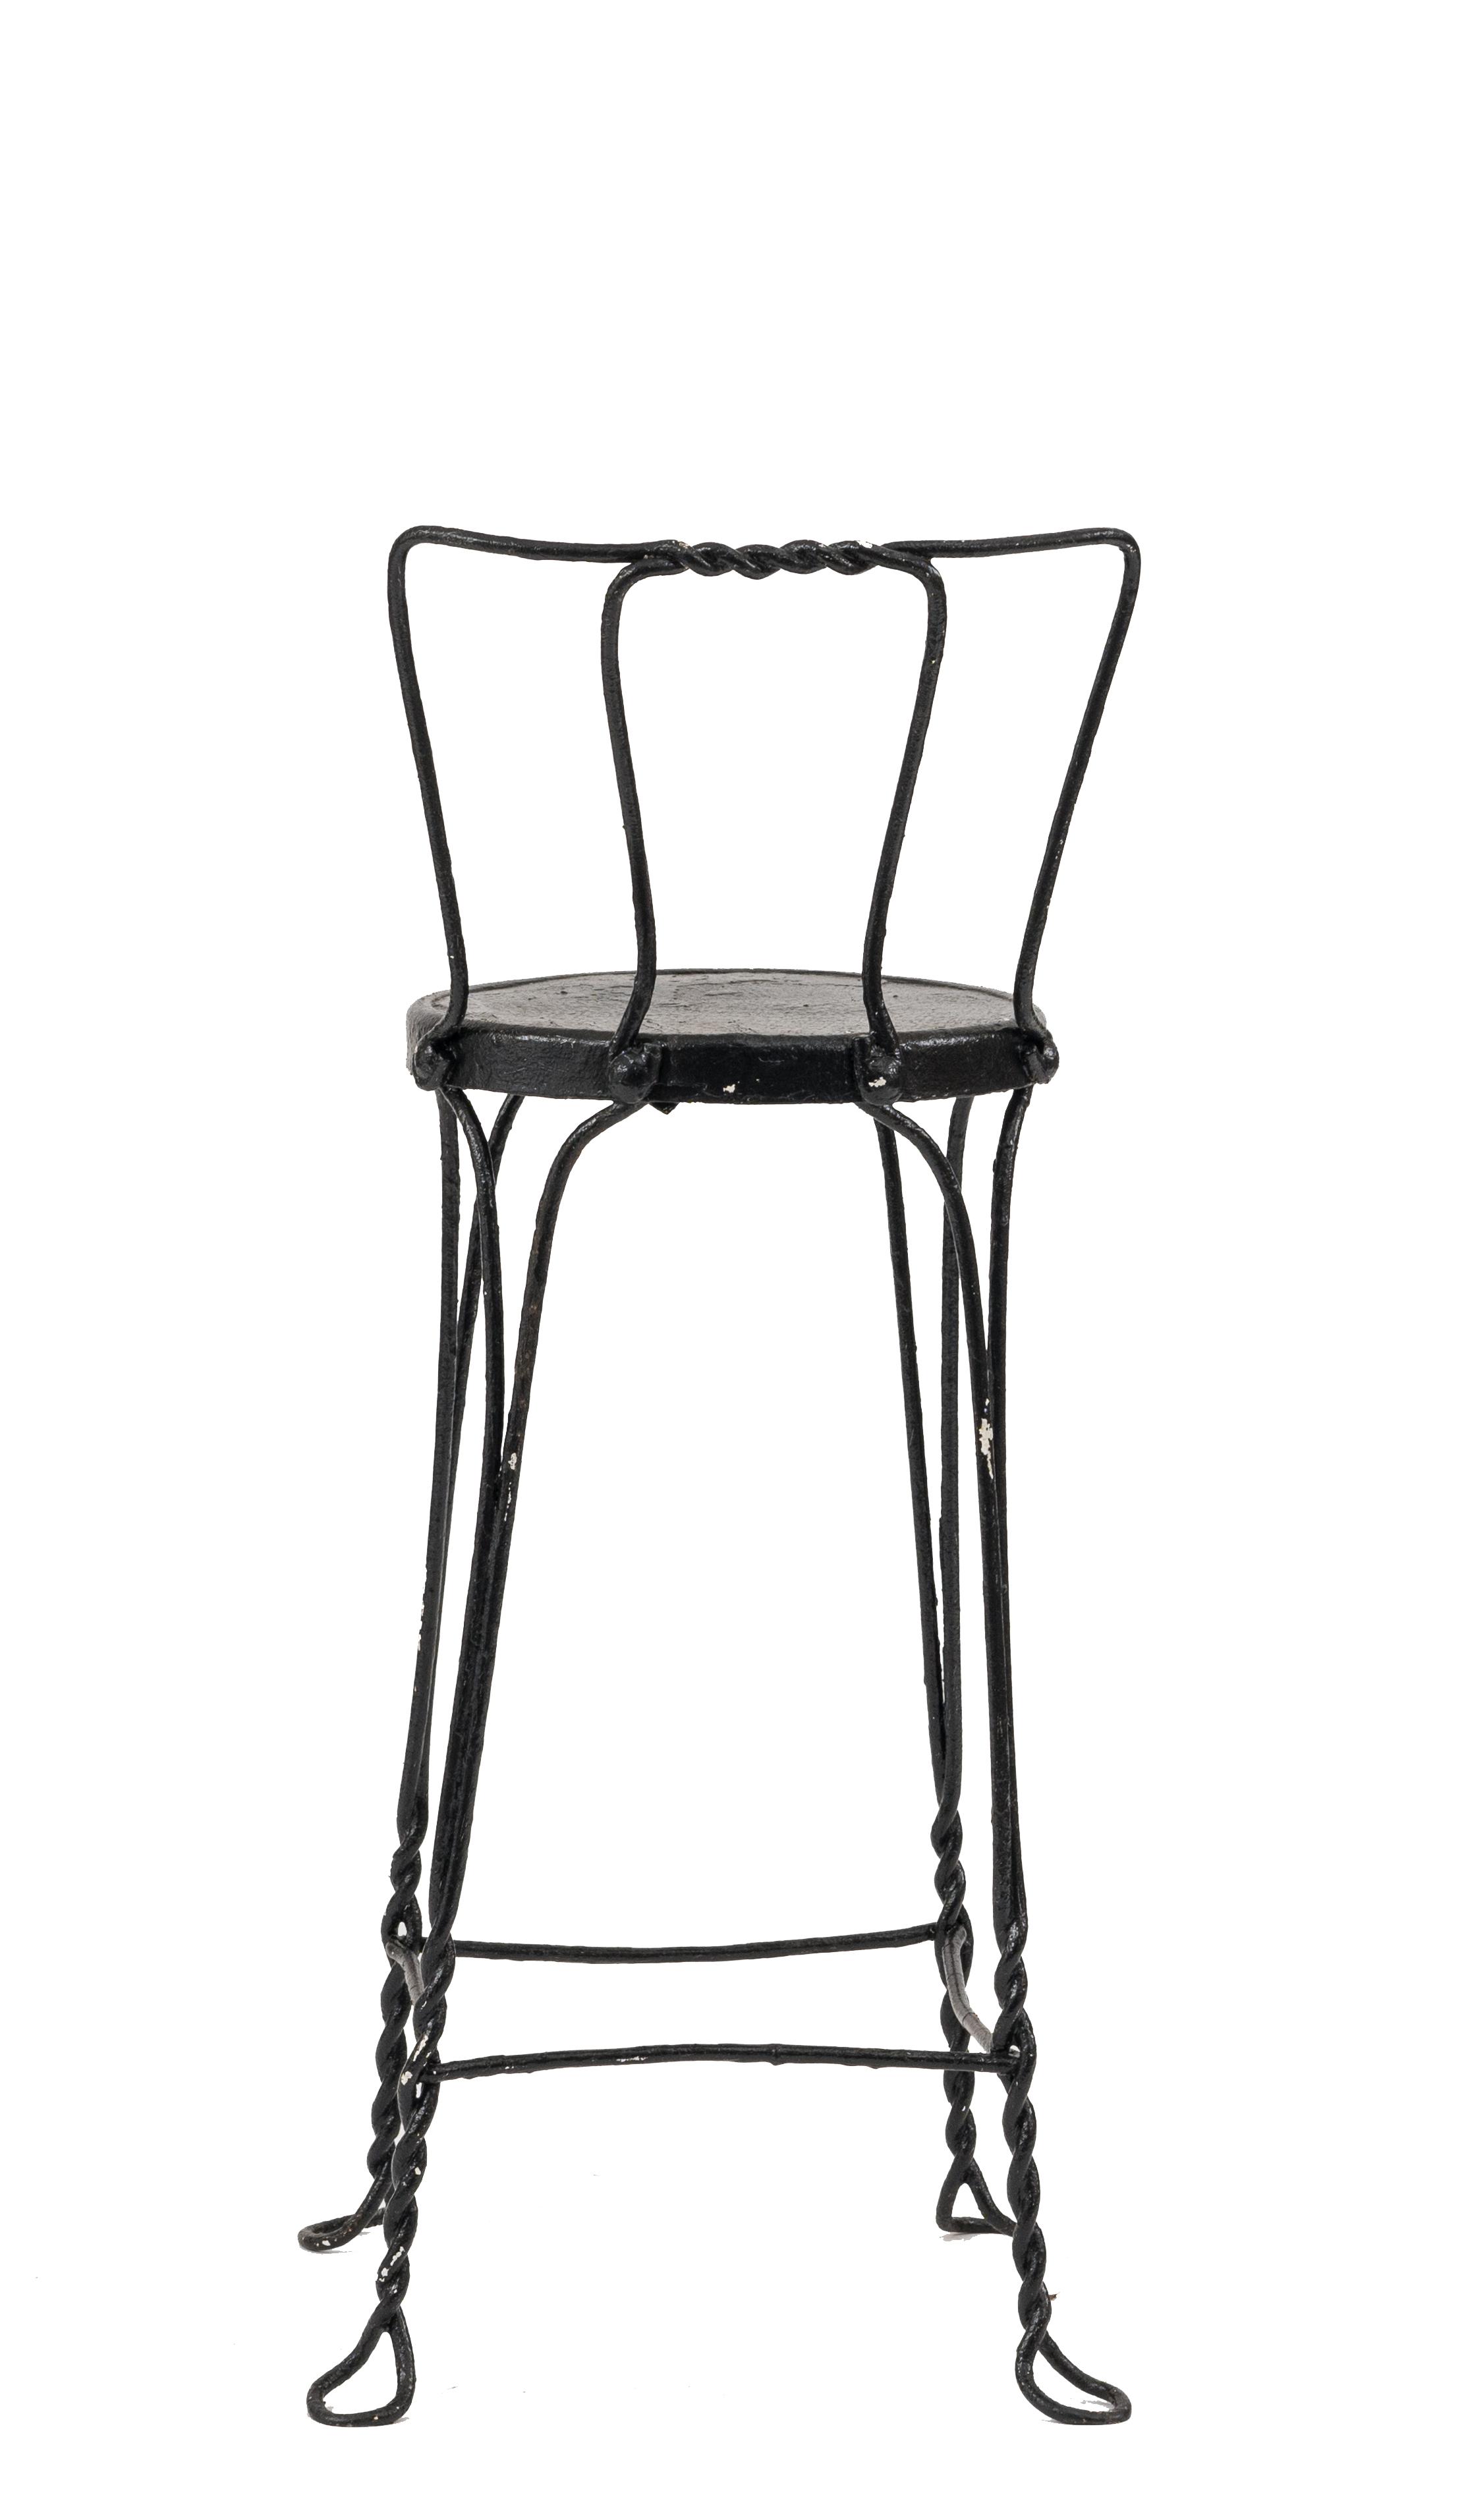 Marvelous Outdoor Victorian Wire Bar Stools Newel Inzonedesignstudio Interior Chair Design Inzonedesignstudiocom